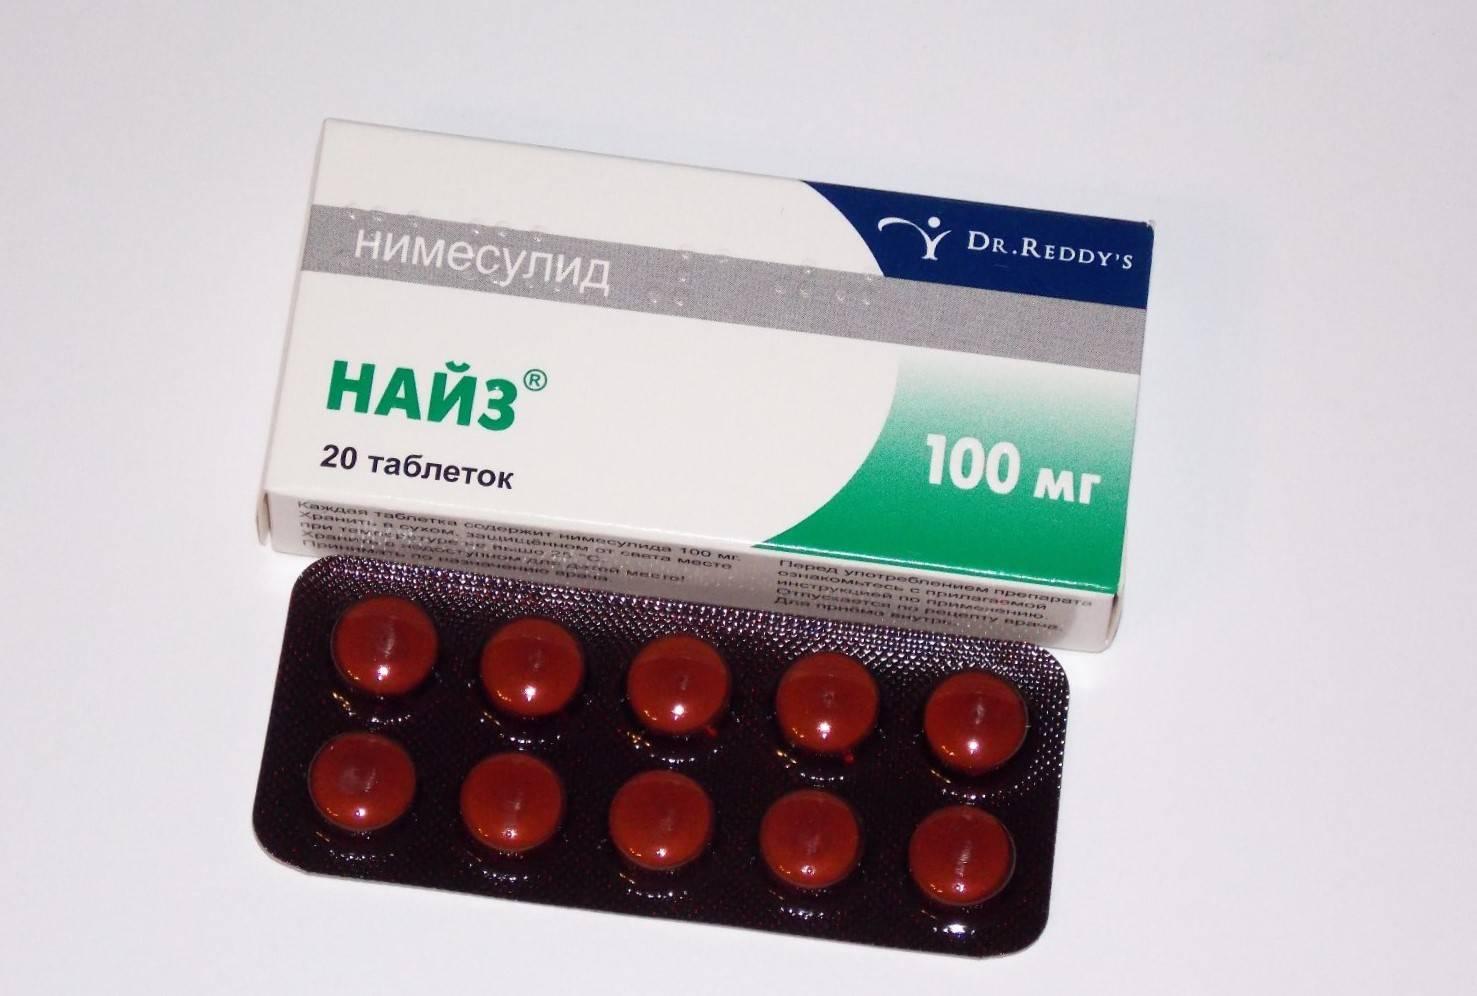 Подборка недорогих, но эффективных таблеток от зубной боли